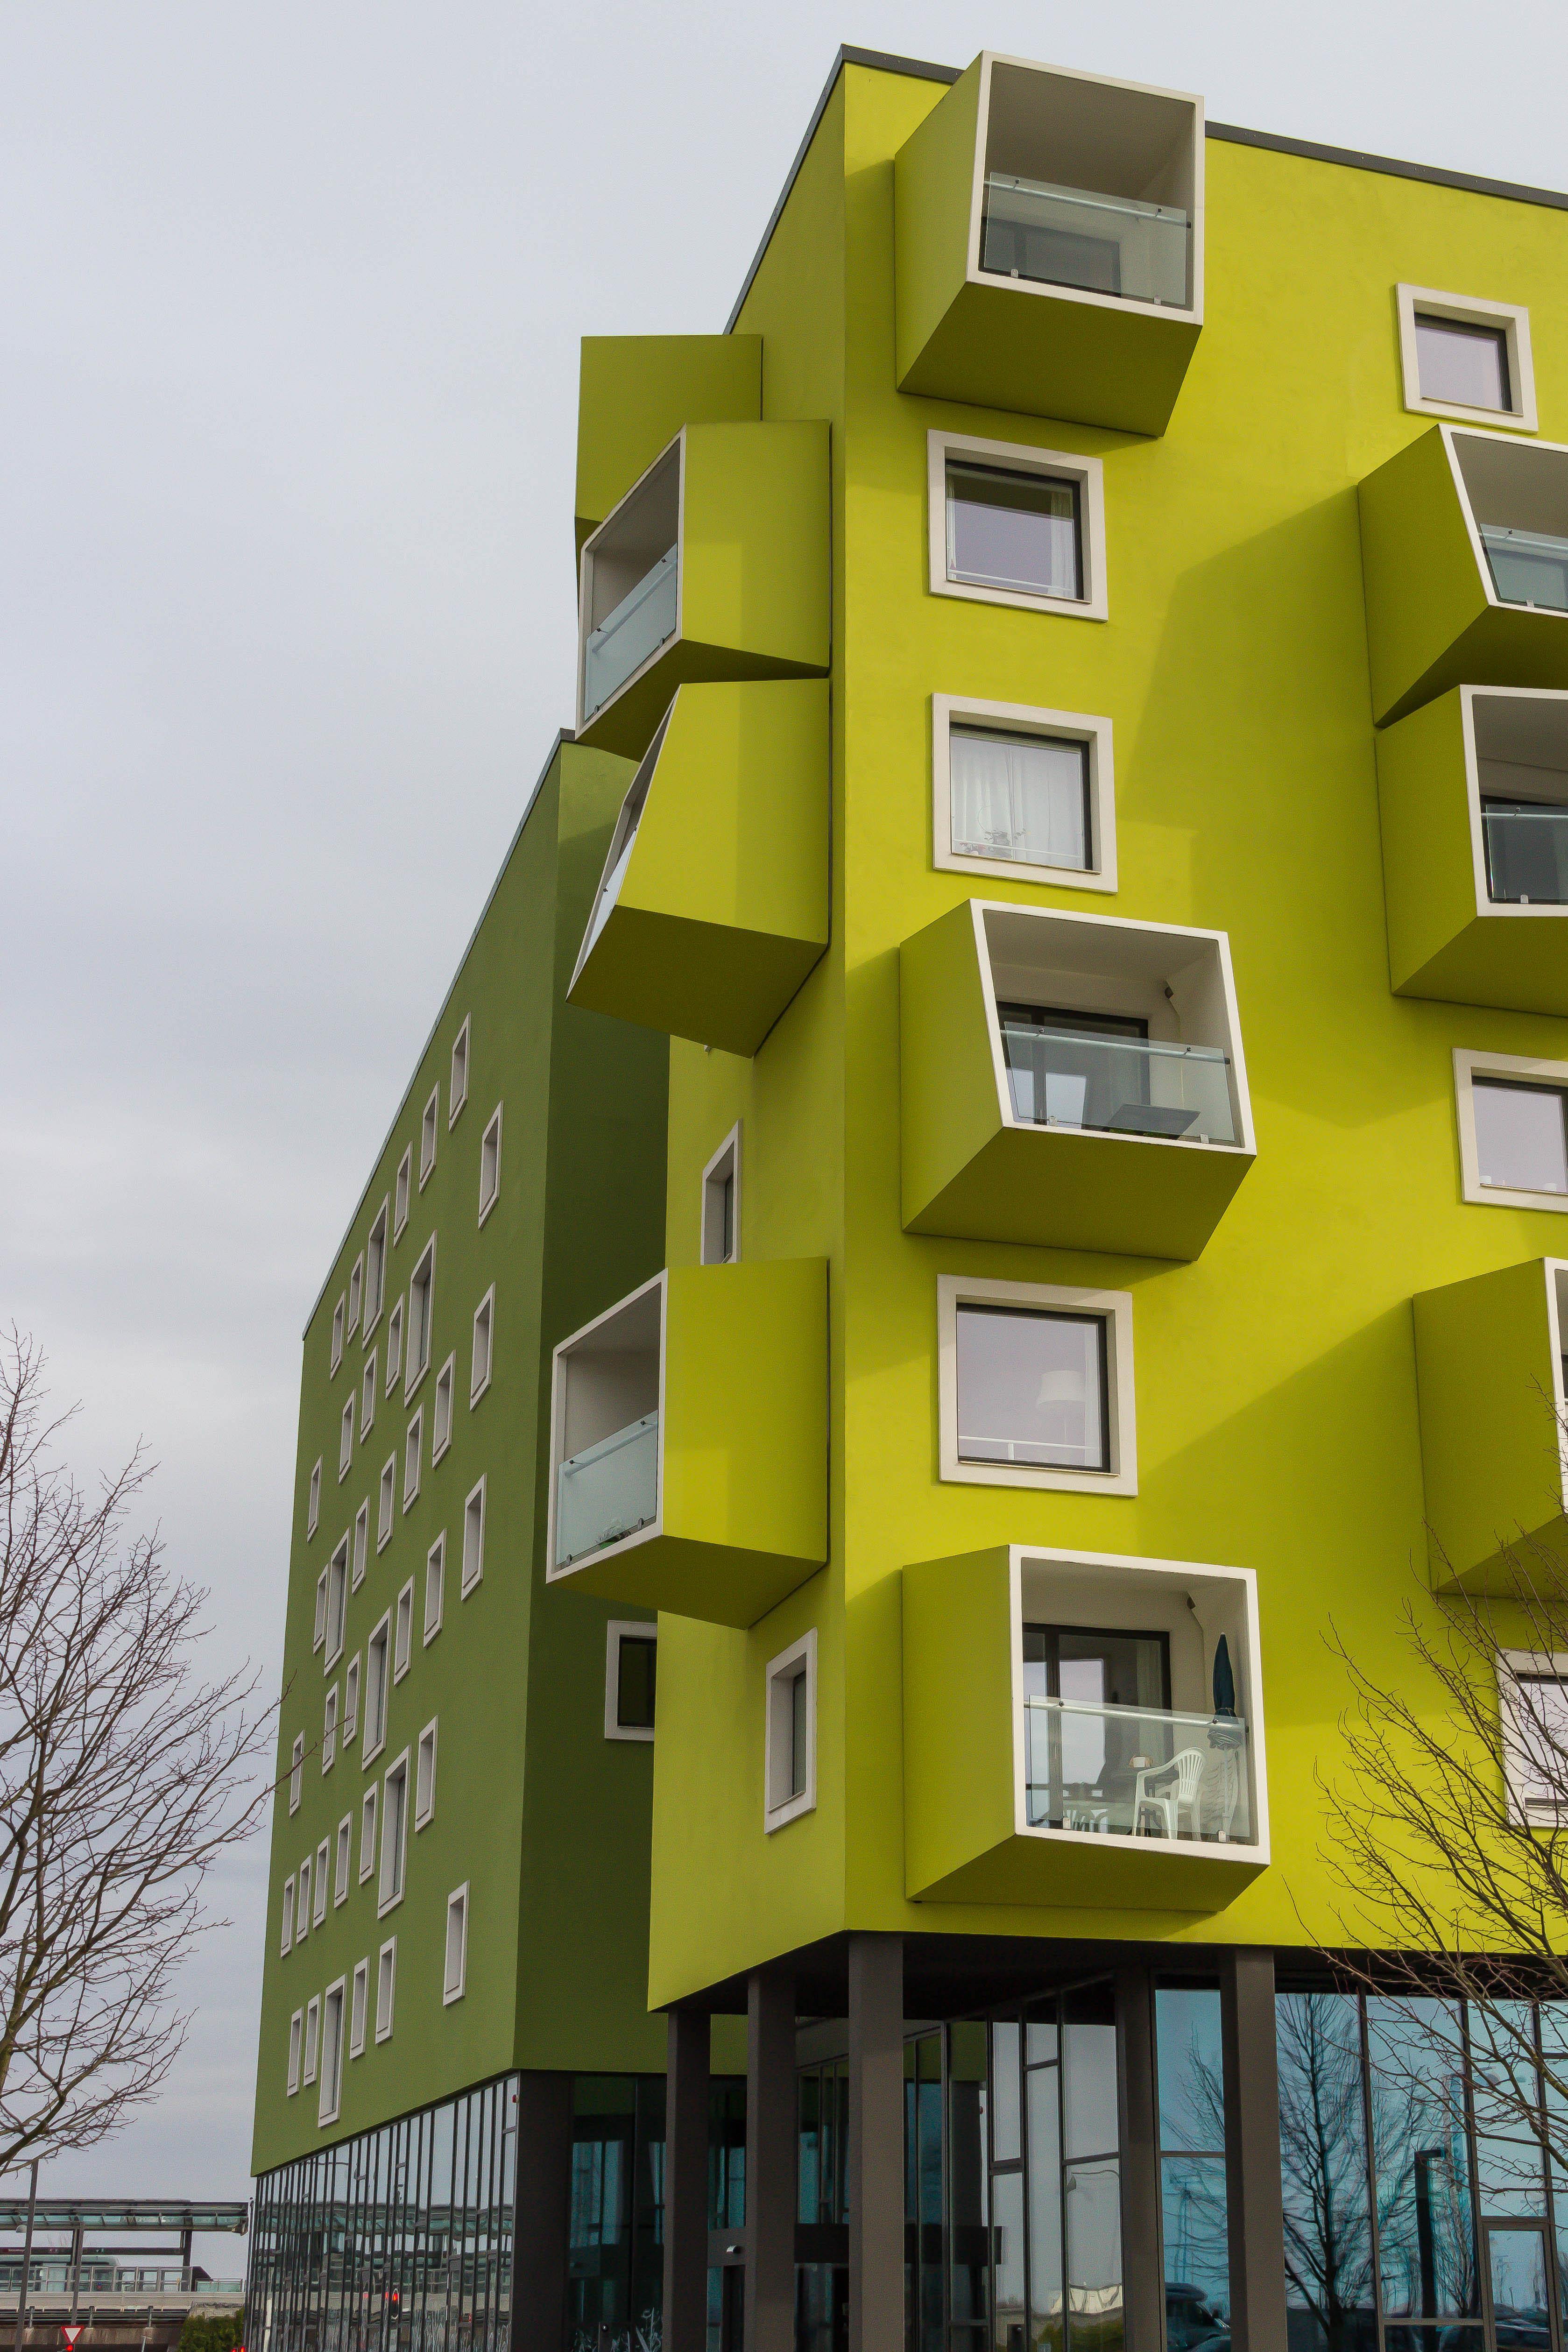 Fond d 39 cran architecture maison balcon danemark for Balcon facade maison